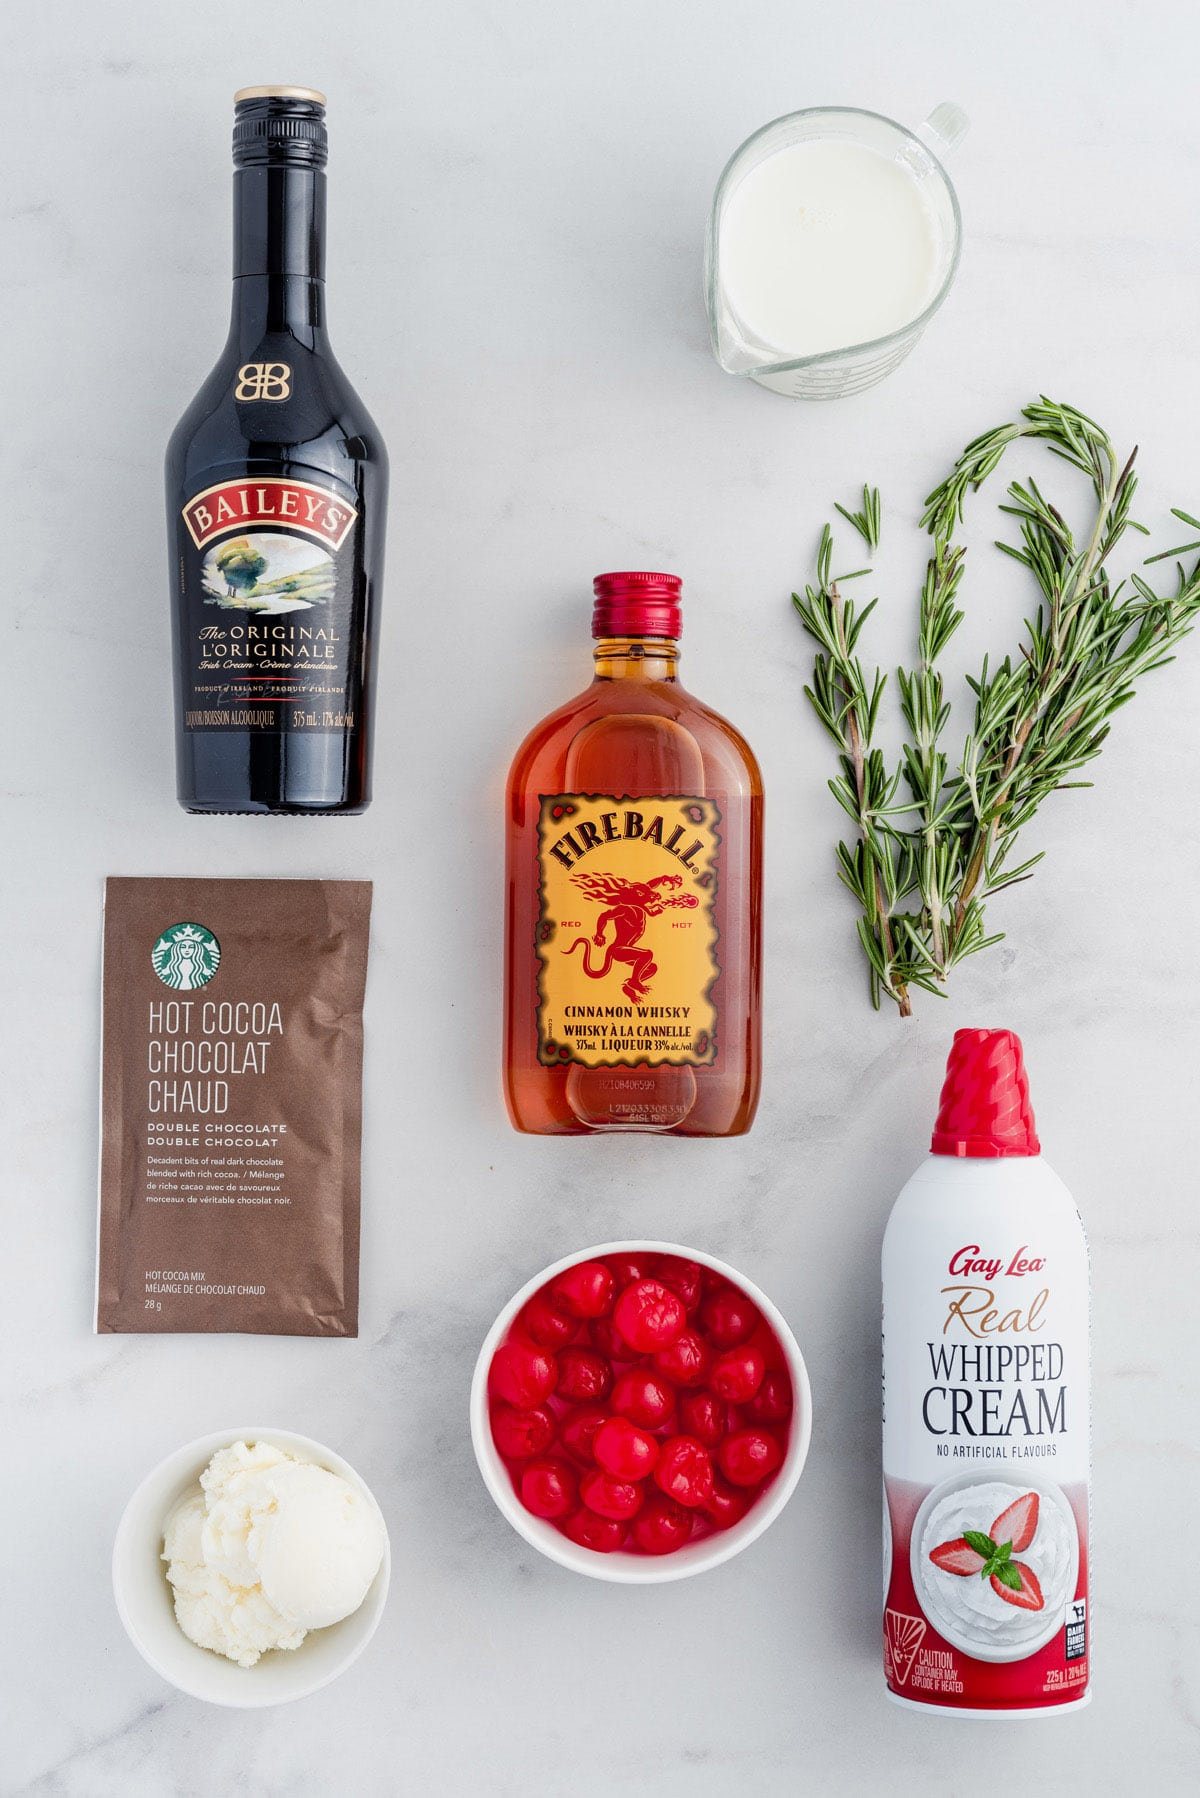 drunken rudolf ingredients